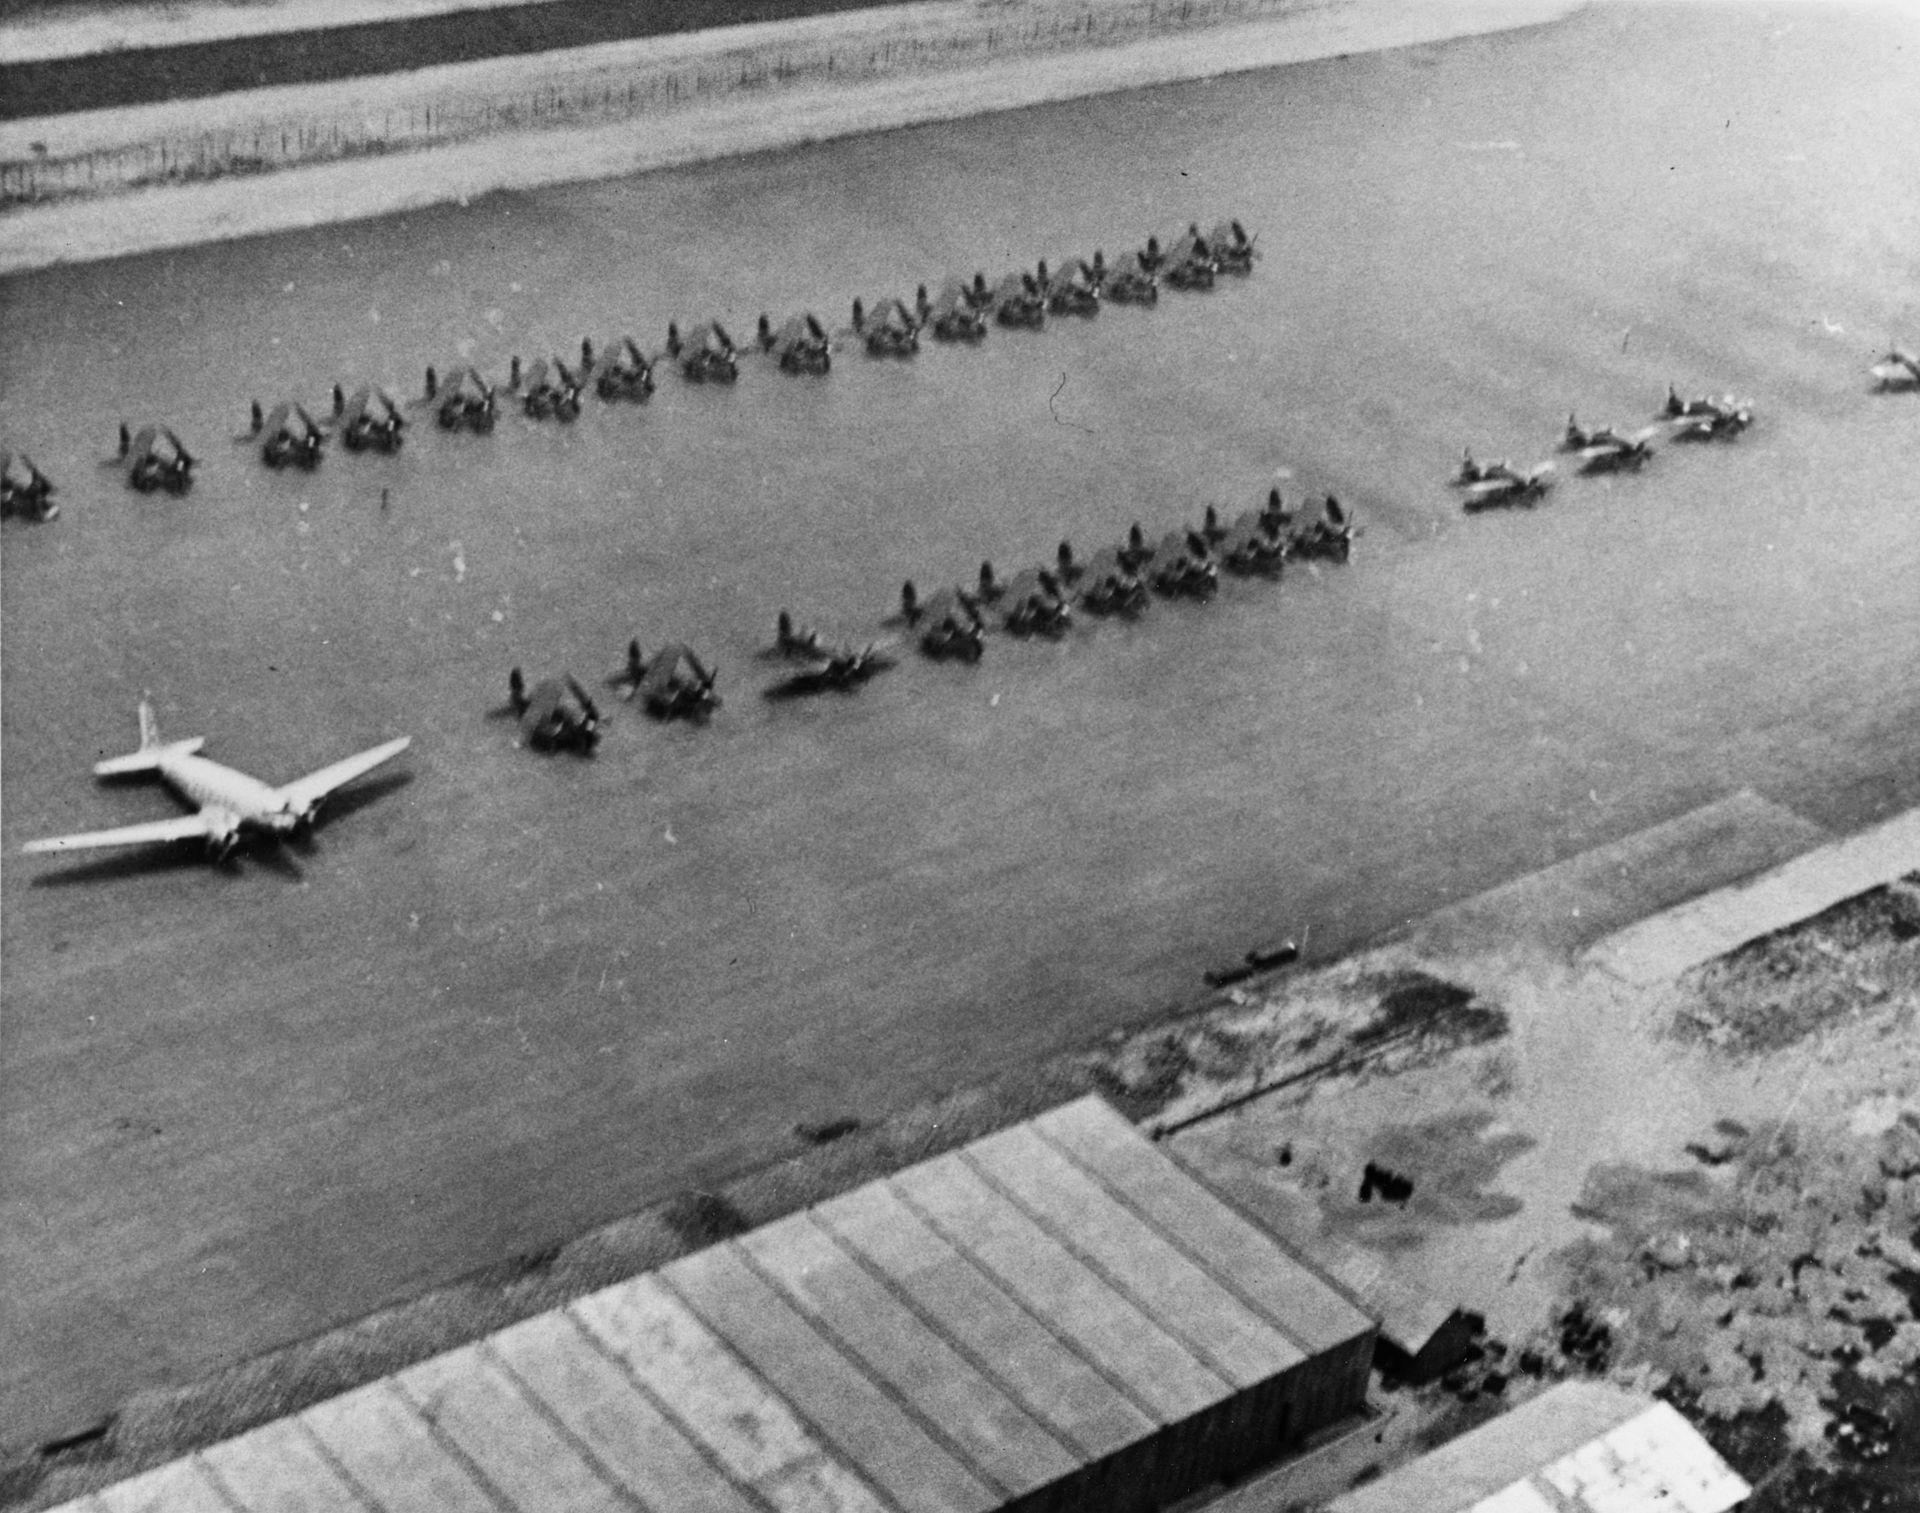 Da Nang Air Base - Wikipedia